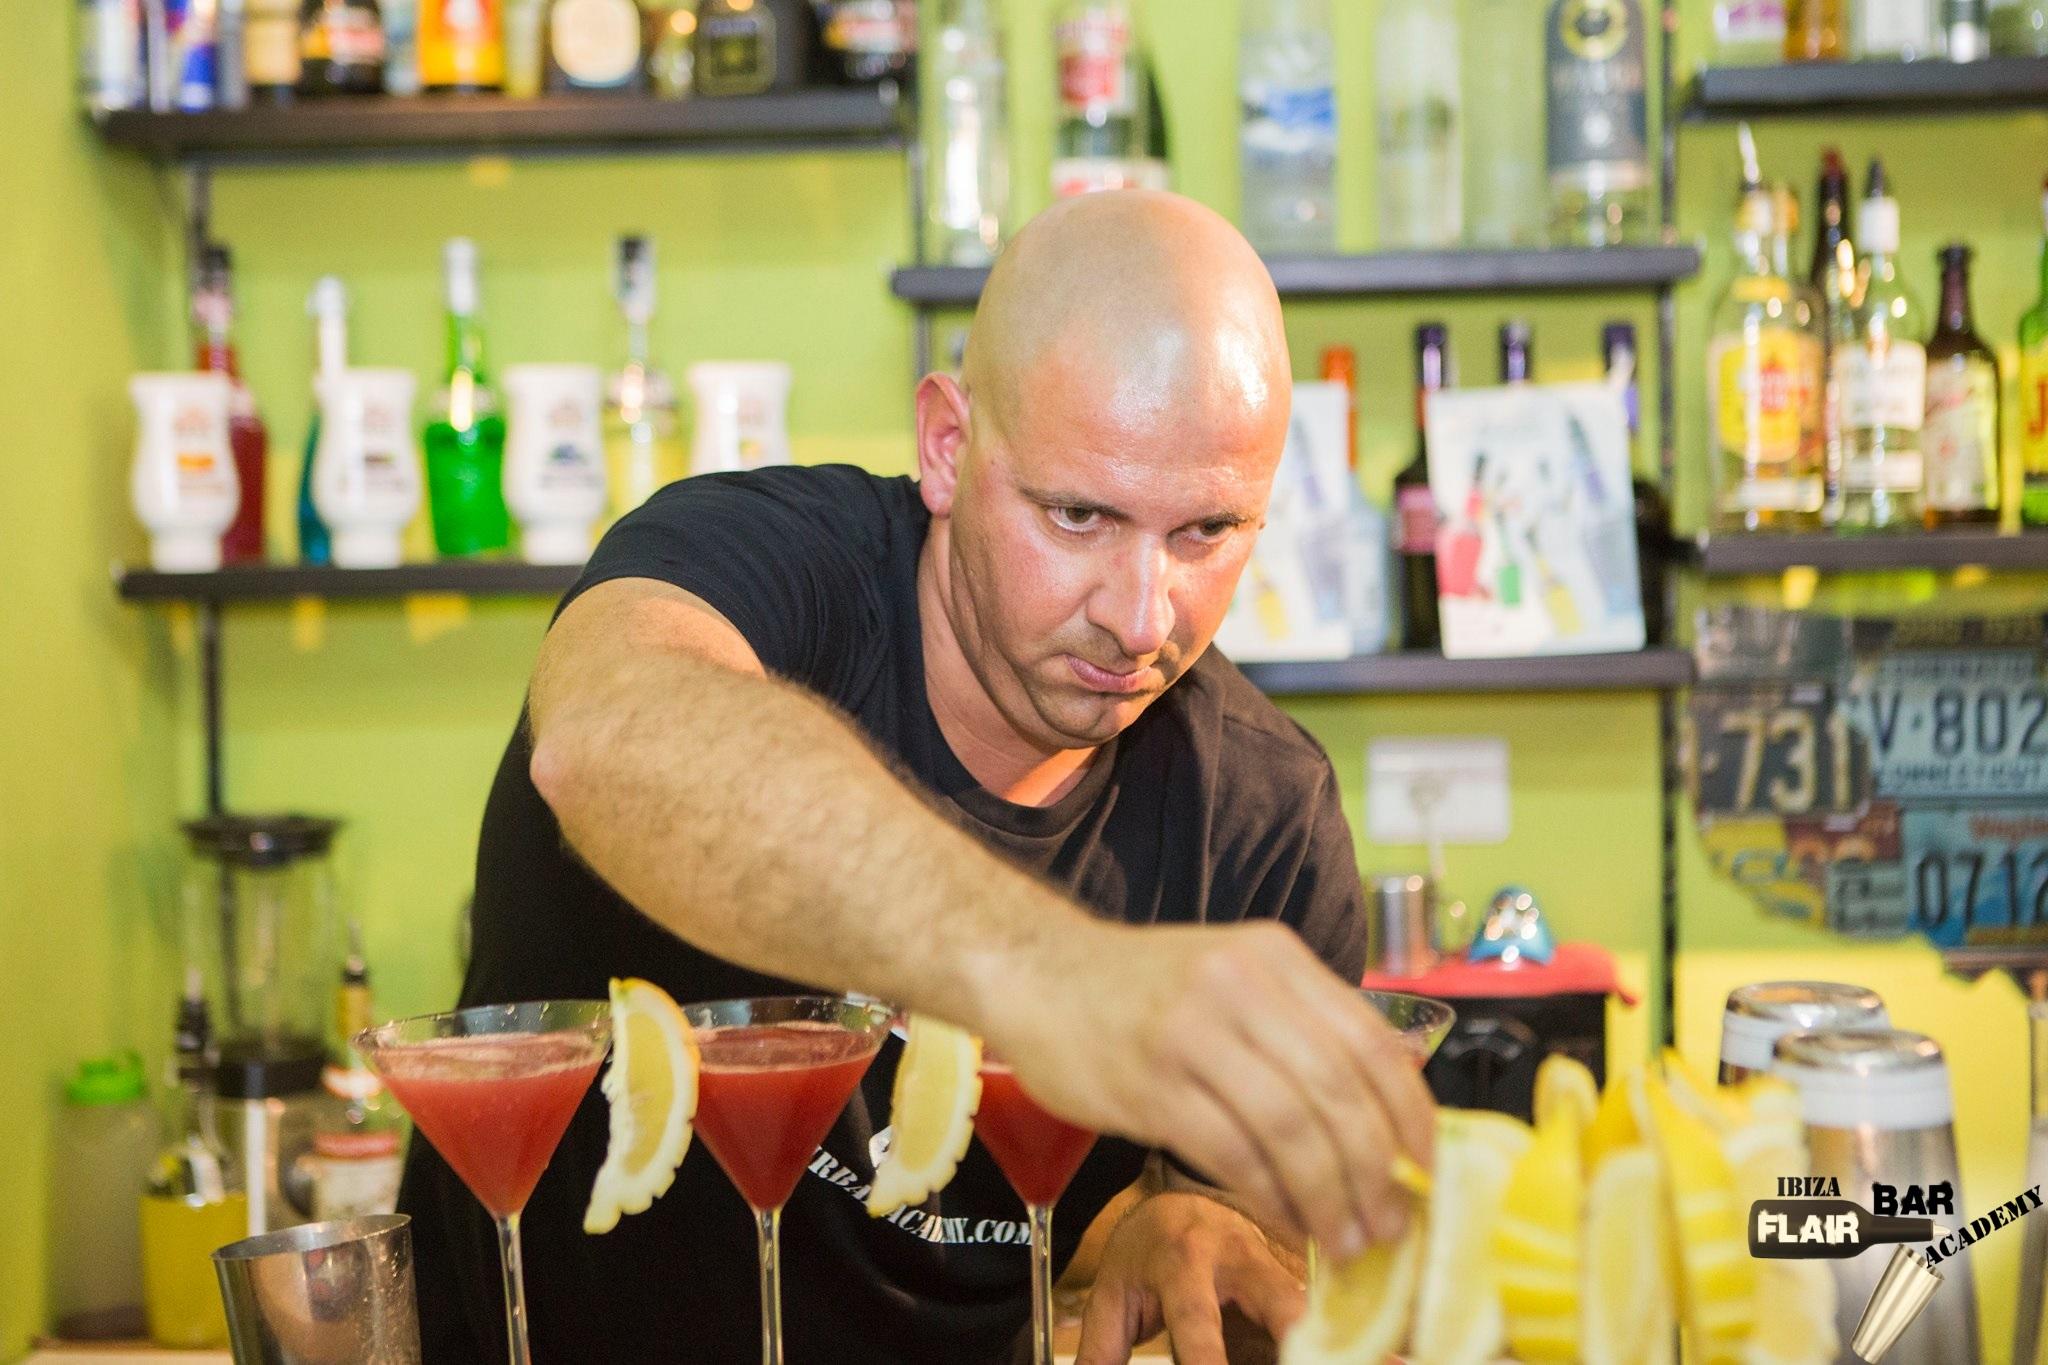 ibiza flair bar academy - curso de cocteleria en Ibiza centro